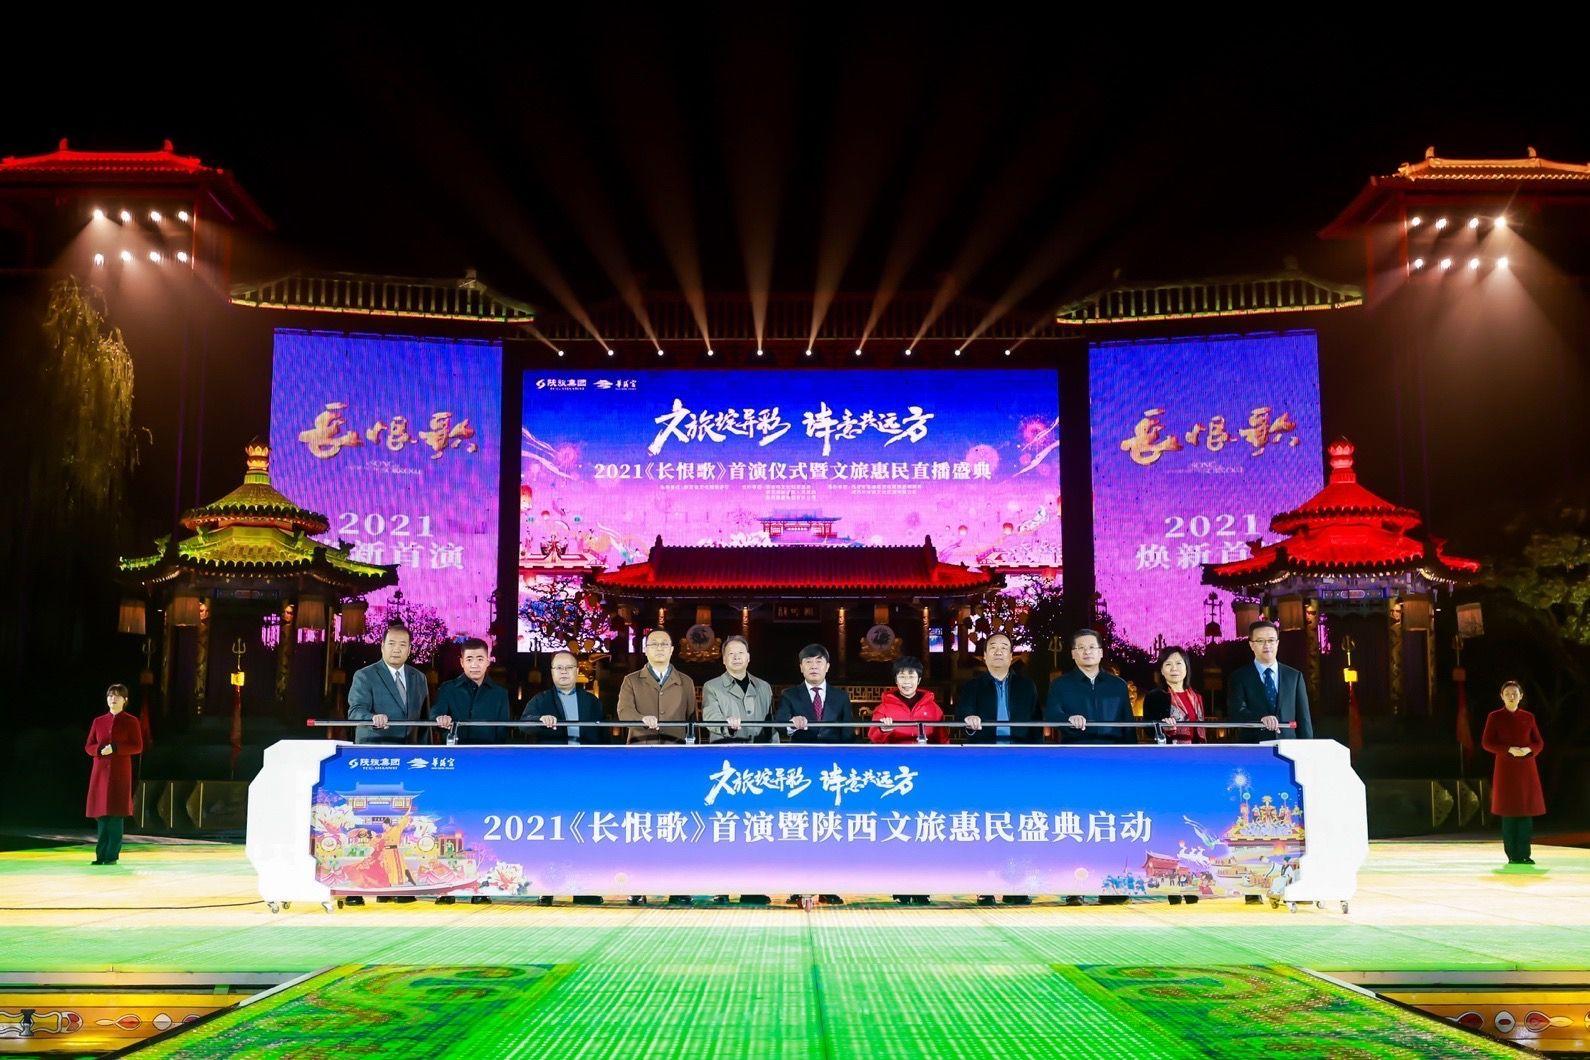 2021《长恨歌》首演暨文旅惠民直播